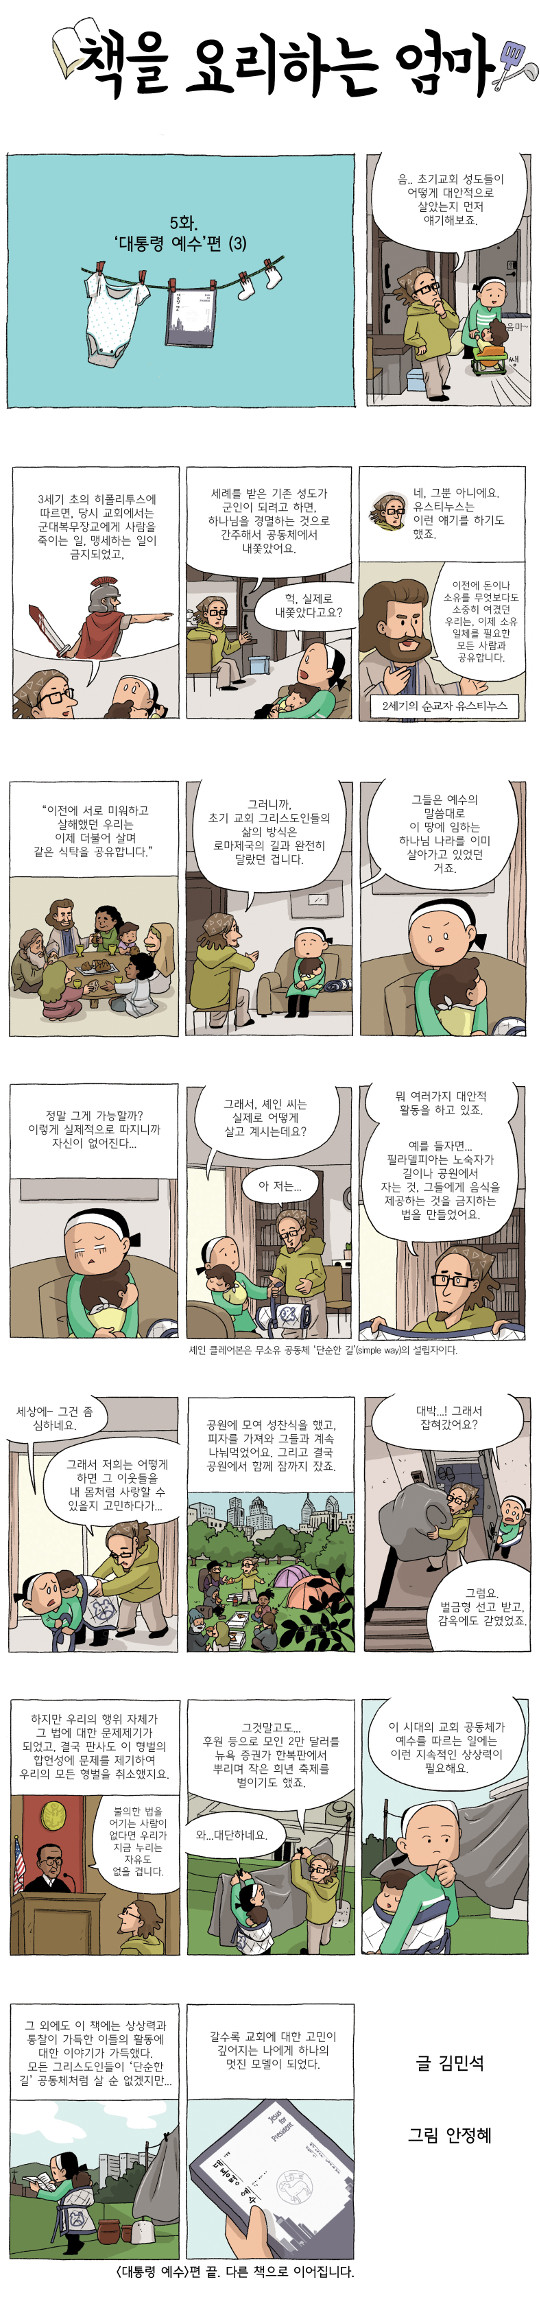 [책을 요리하는 엄마] 5화. '대통령 예수'편 (3) 기사의 사진